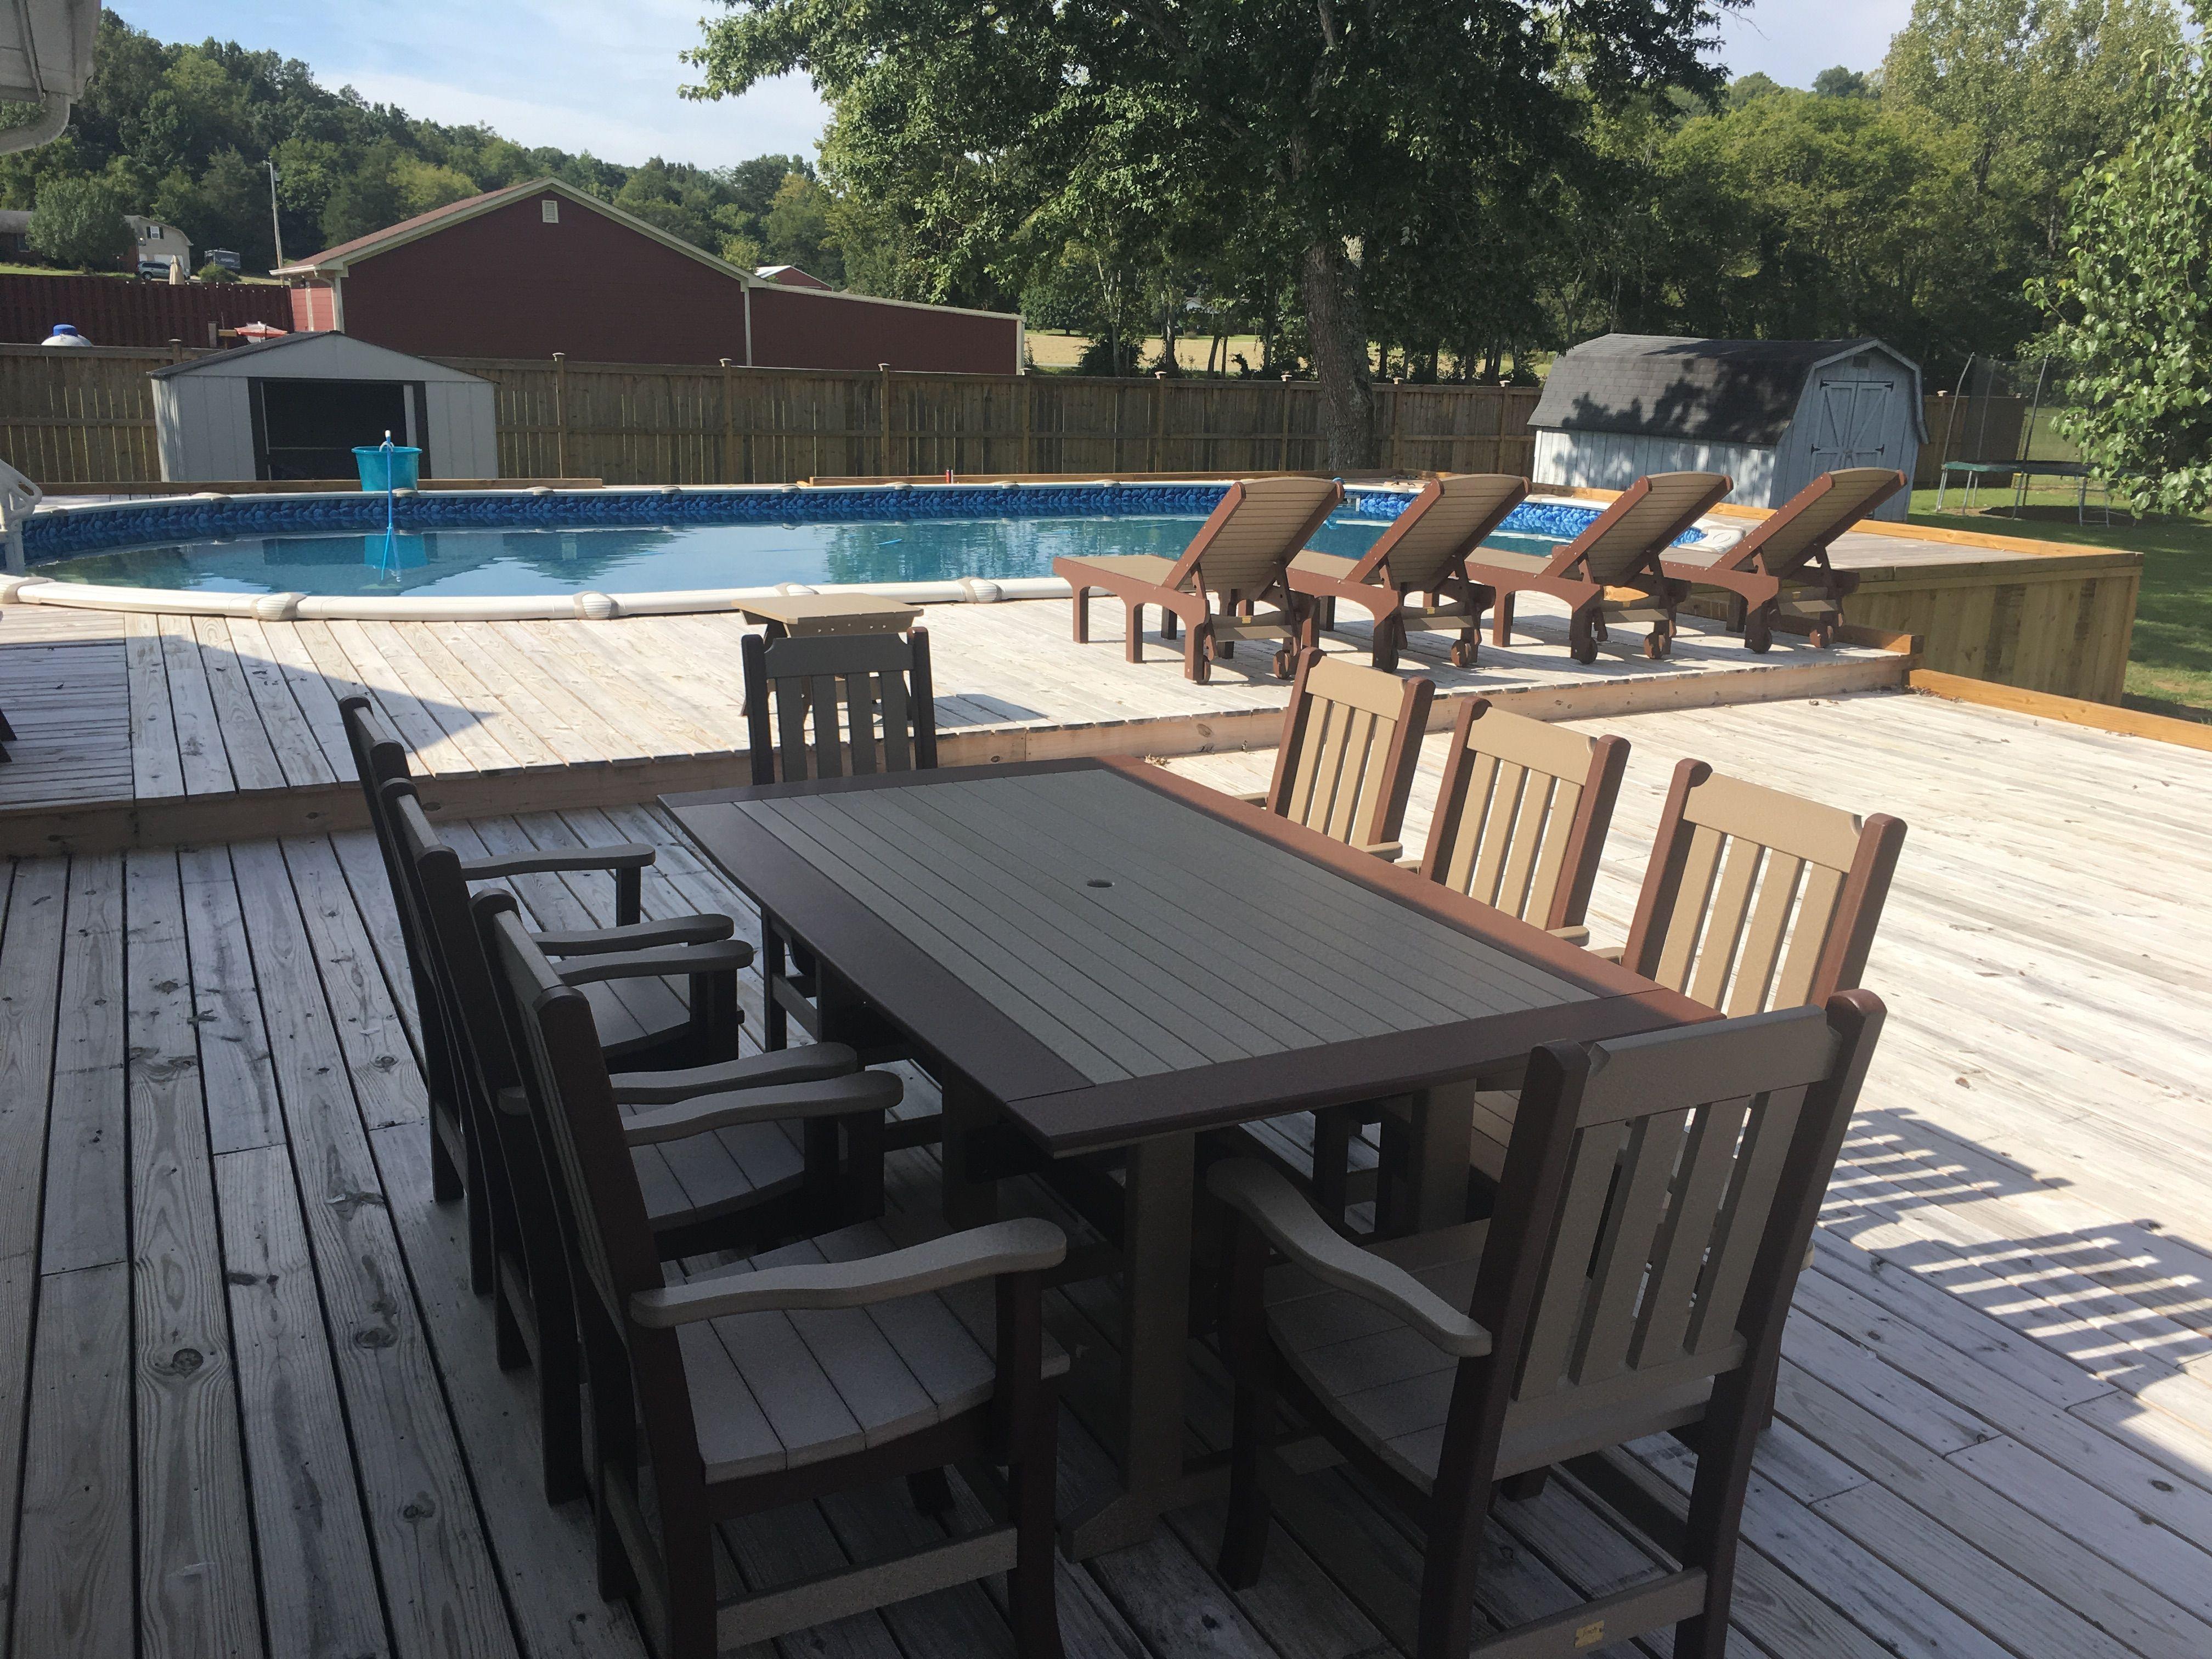 Building Furniture, Shed Storage, Amish, Nashville, Outdoor Furniture Sets